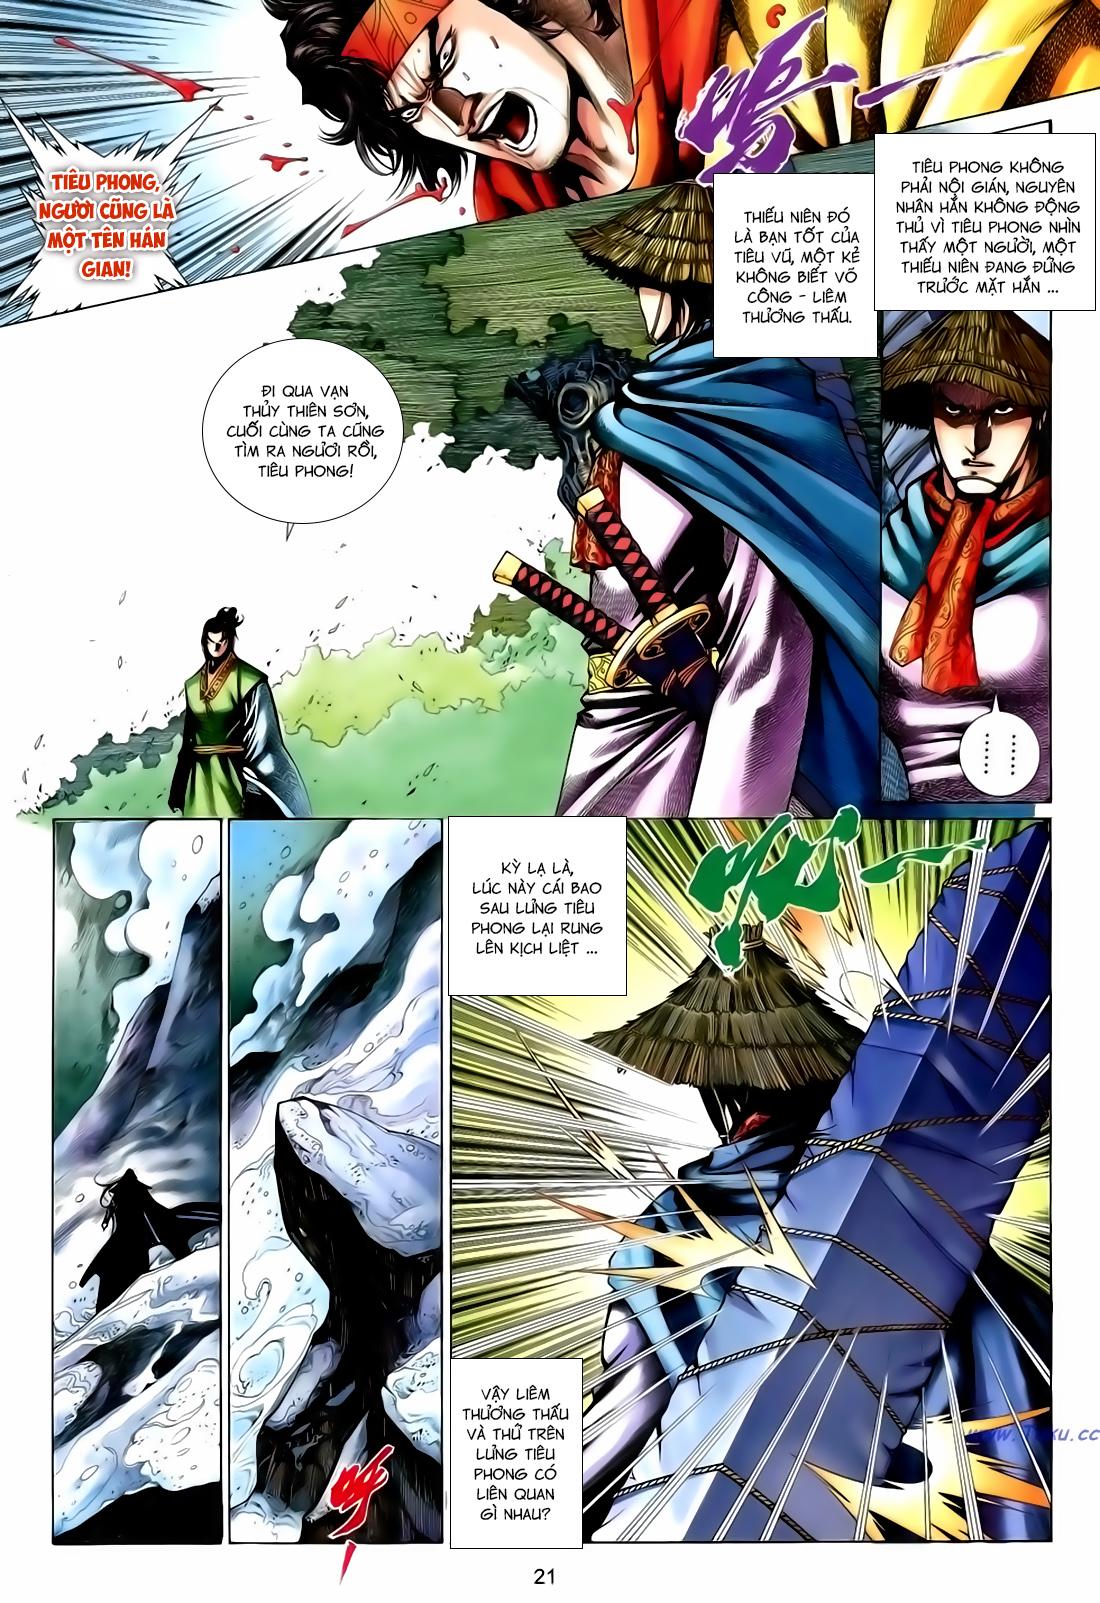 Anh Hùng Vô Lệ Chap 167 - Trang 21